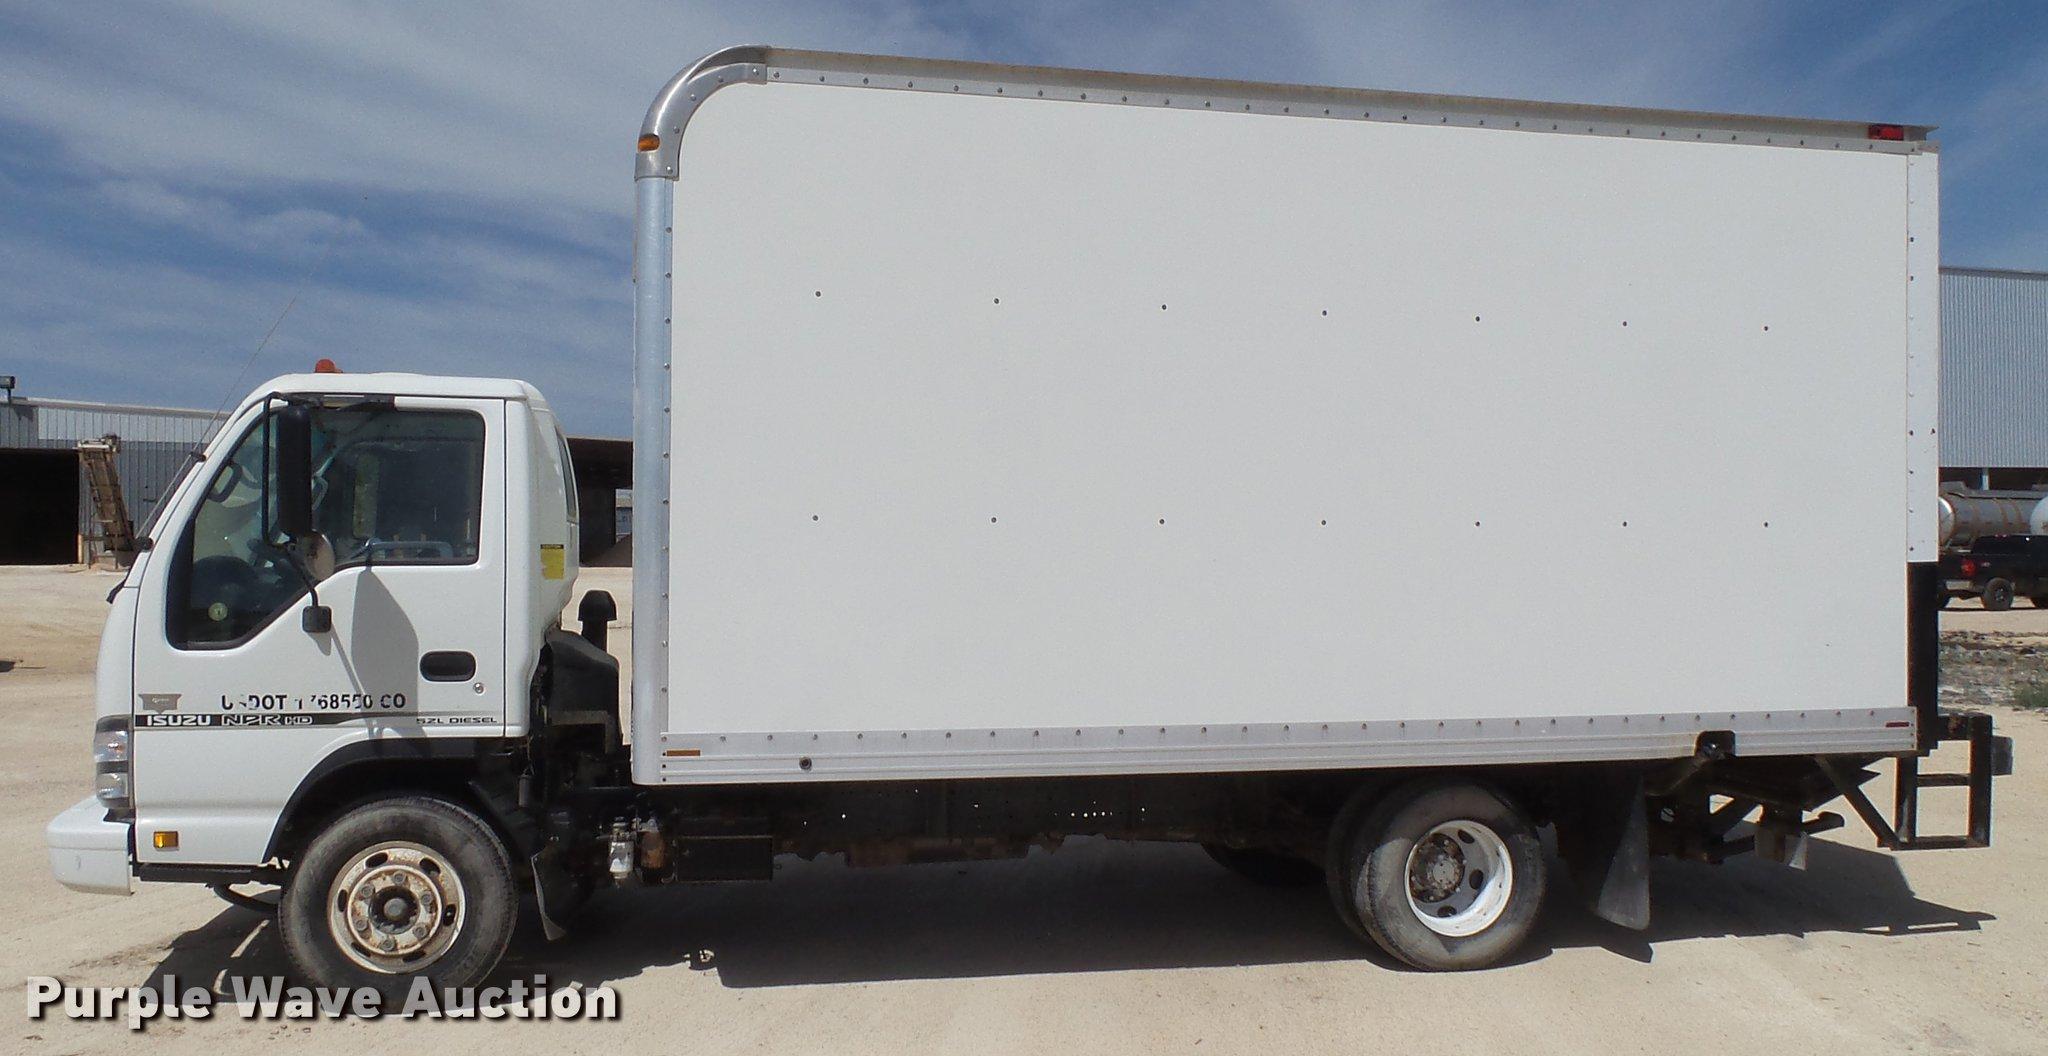 7bad76b74ce5dd ... 2006 Isuzu NPR box truck Full size in new window ...